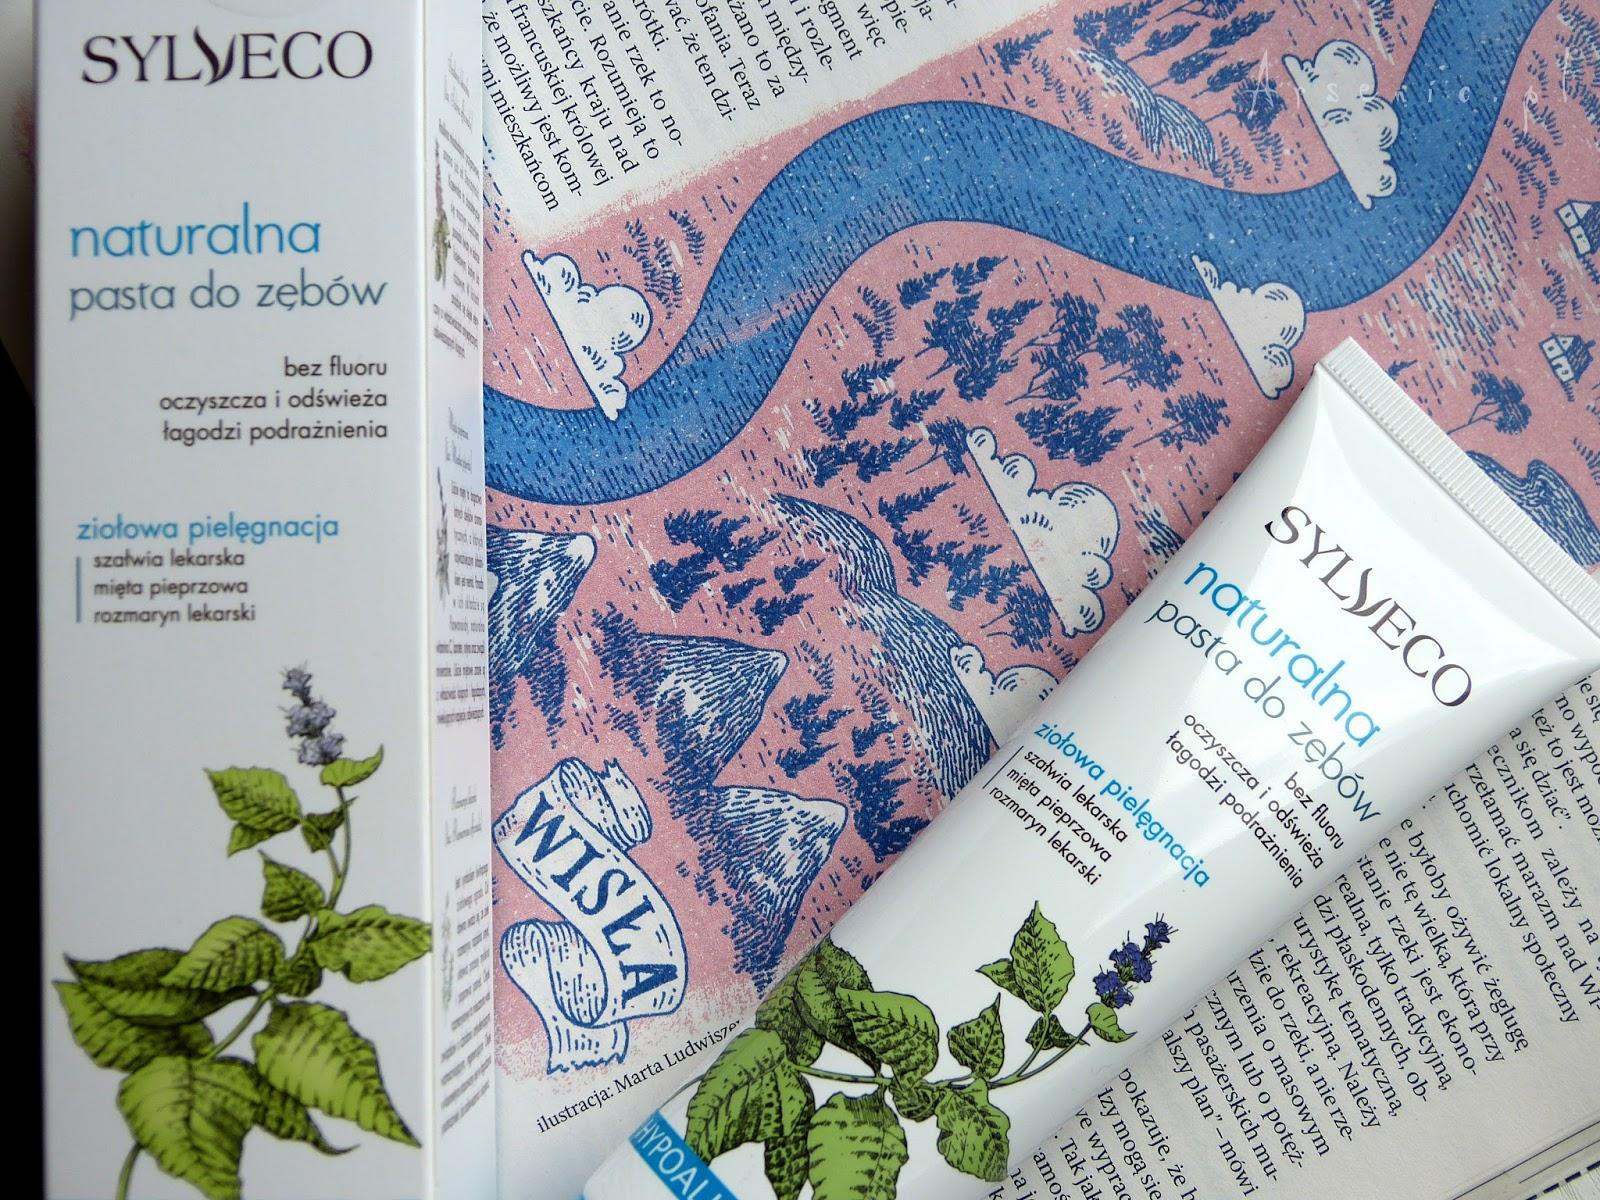 Sylveco - naturalna pasta do zębów